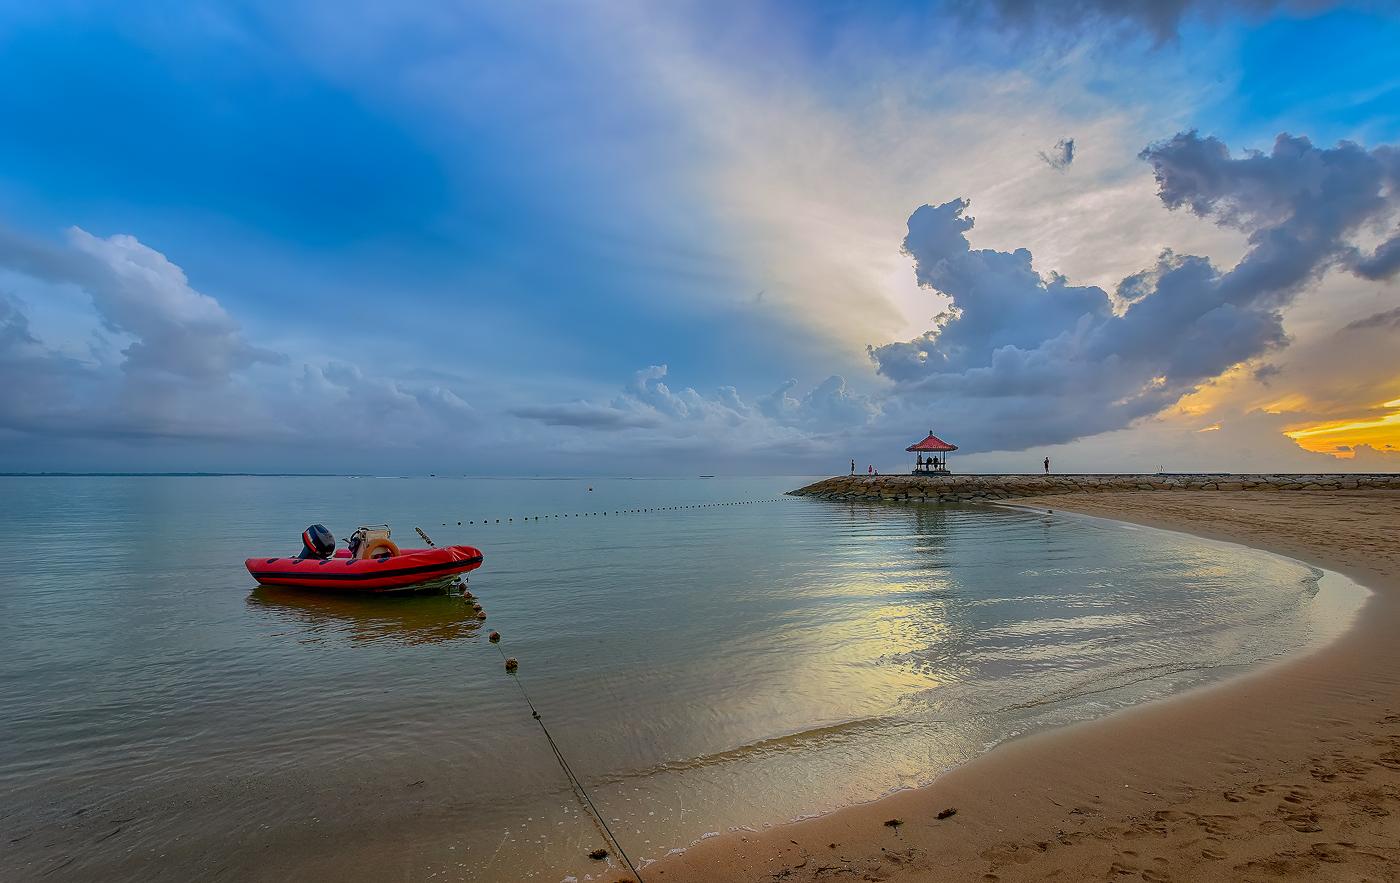 путешествие,пейзаж,морской,рассвет,Бали,